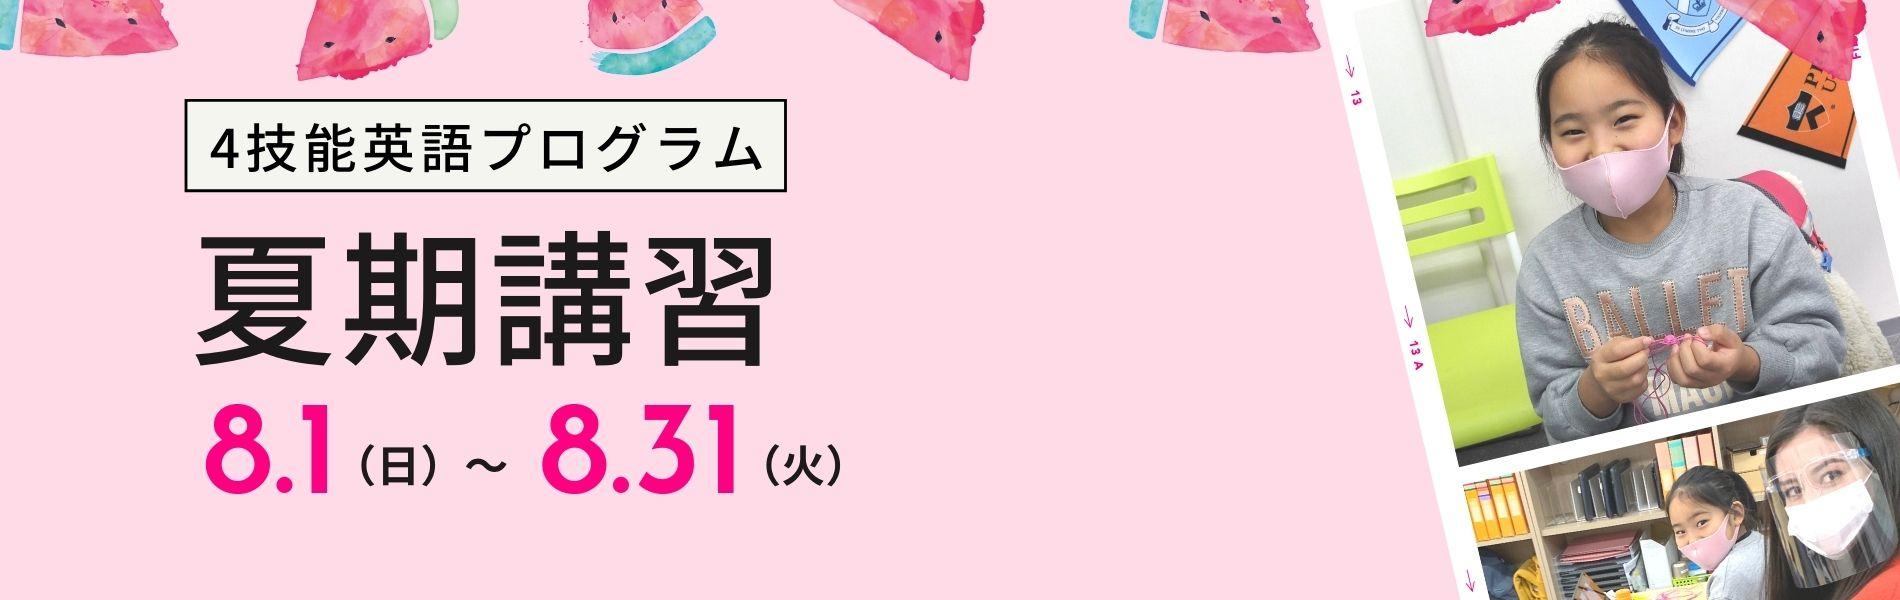 英語塾 ABCの夏期講習(大阪・中津教室 / 西宮北口教室)